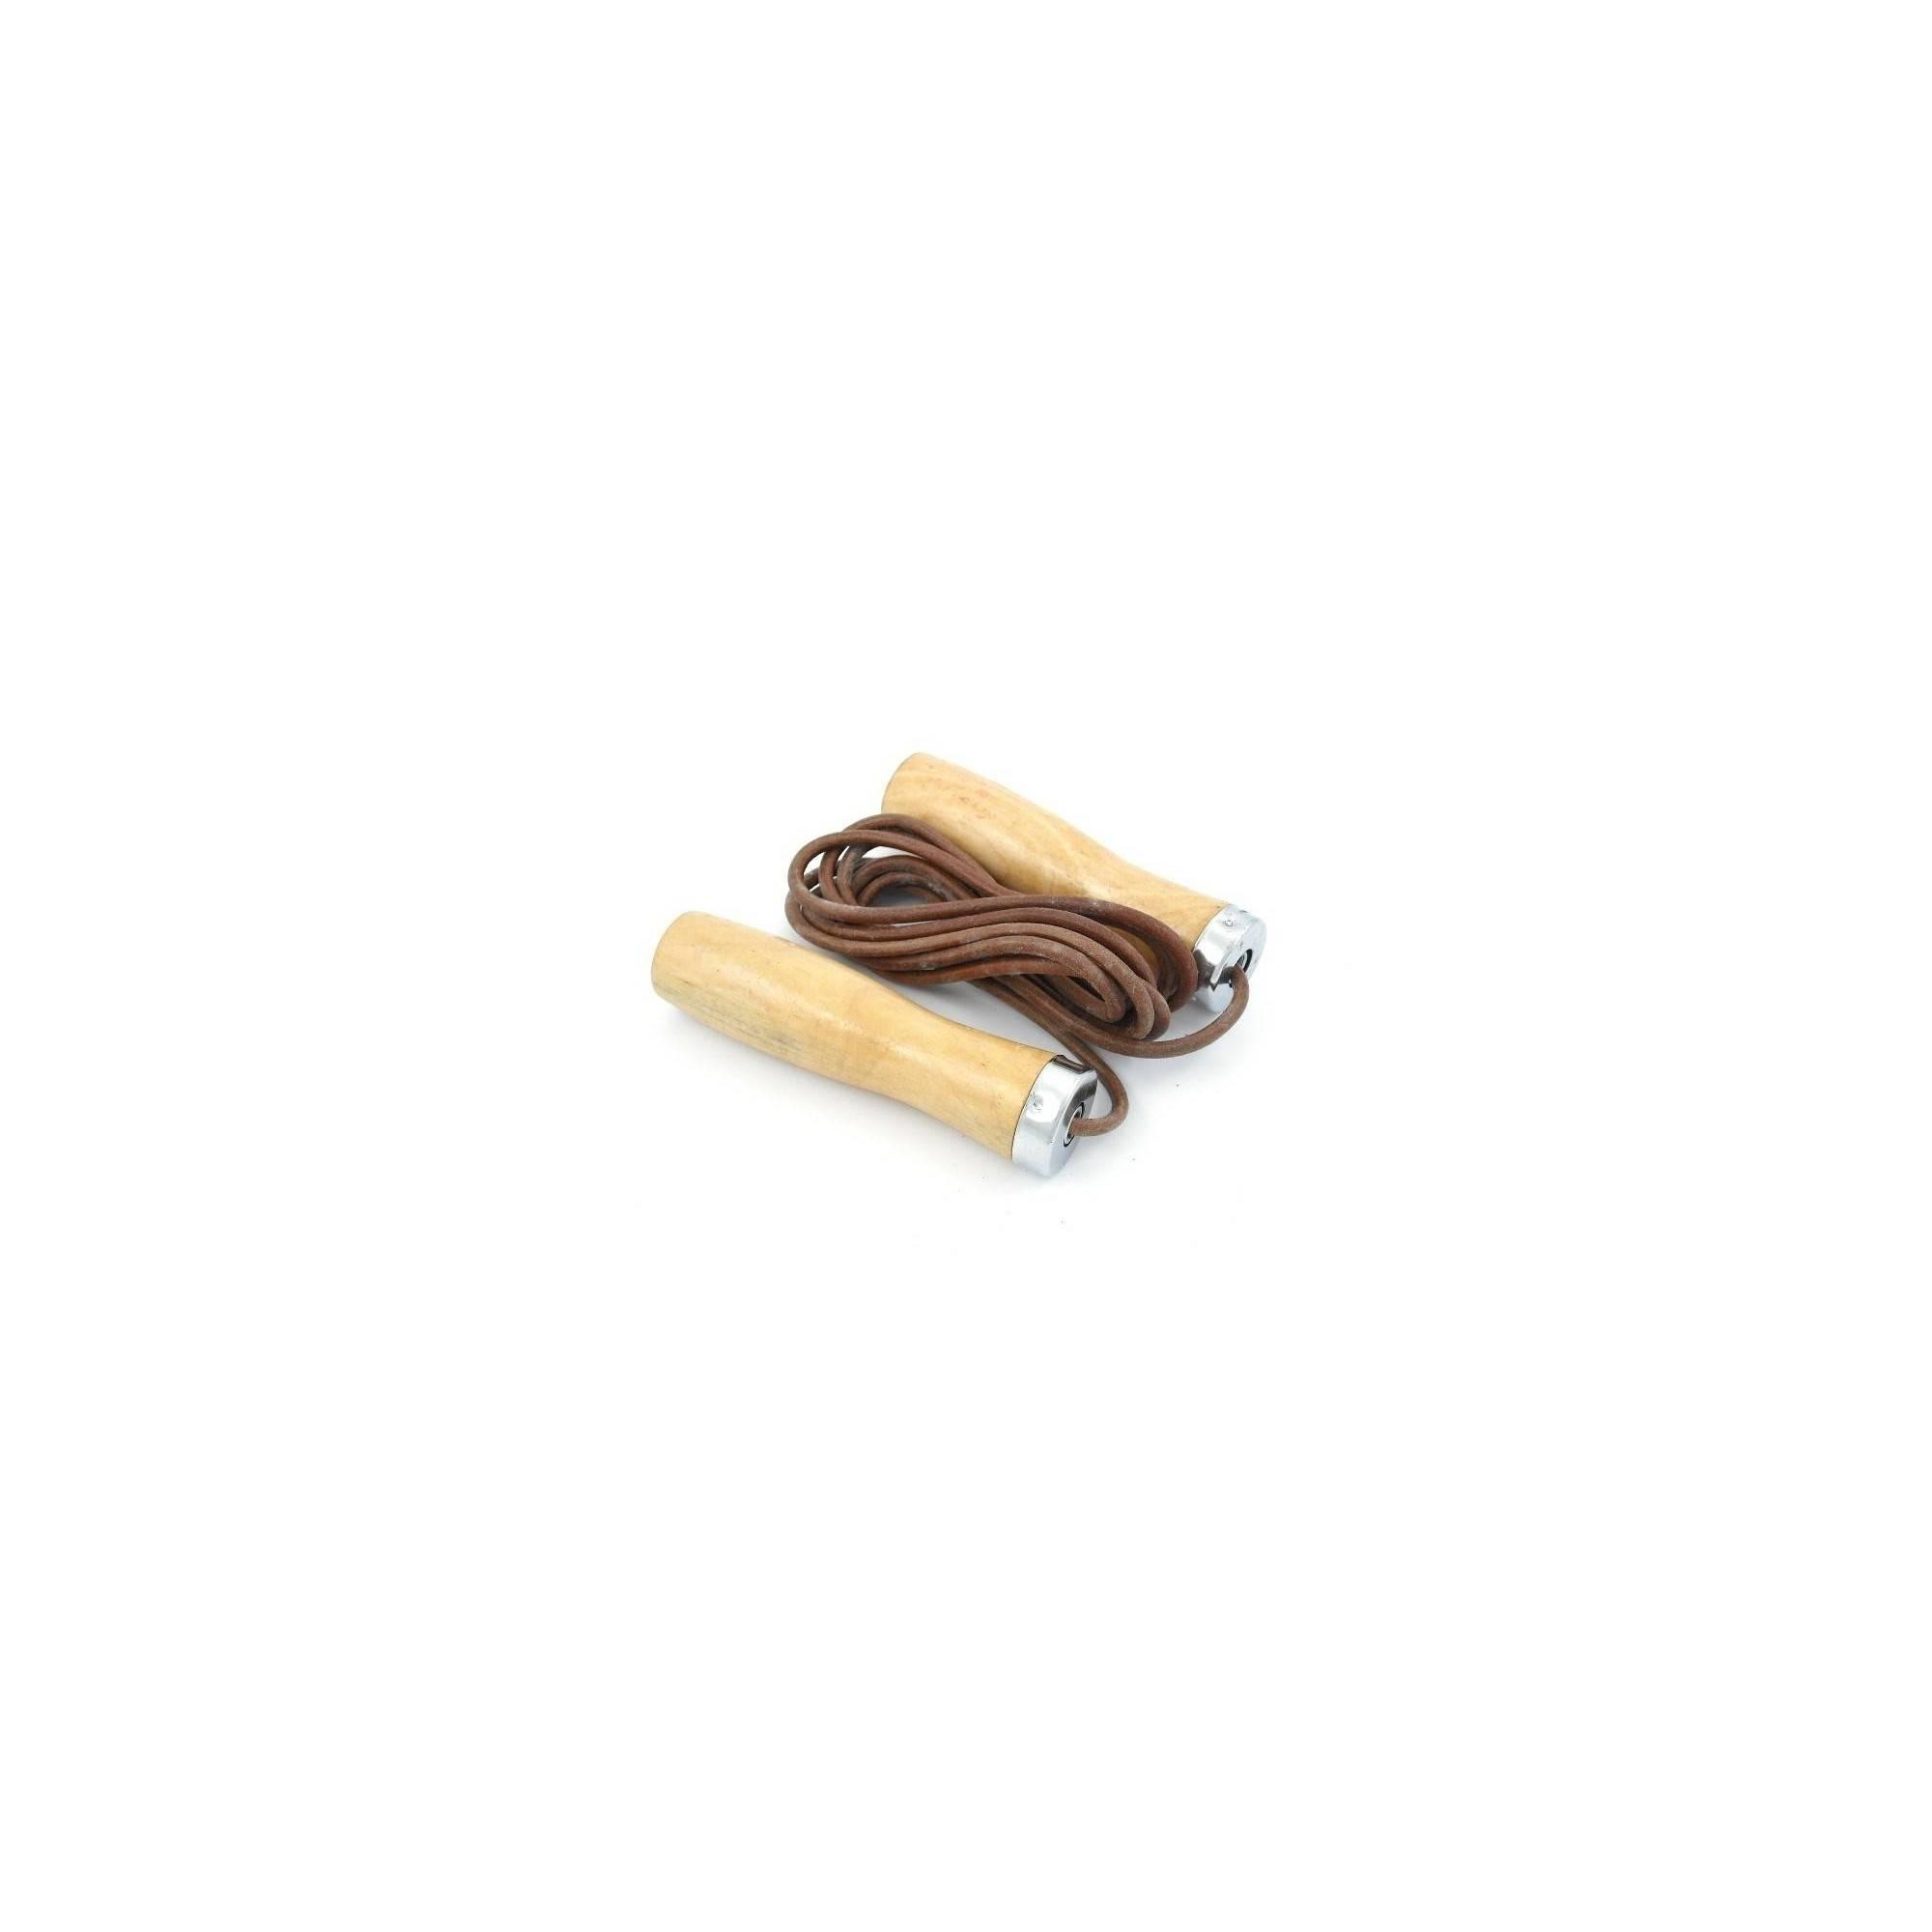 Skakanka Allright skórzana z łożyskowanymi drewnianymi rączkami - rzemień,producent: ALLRIGHT, photo: 1